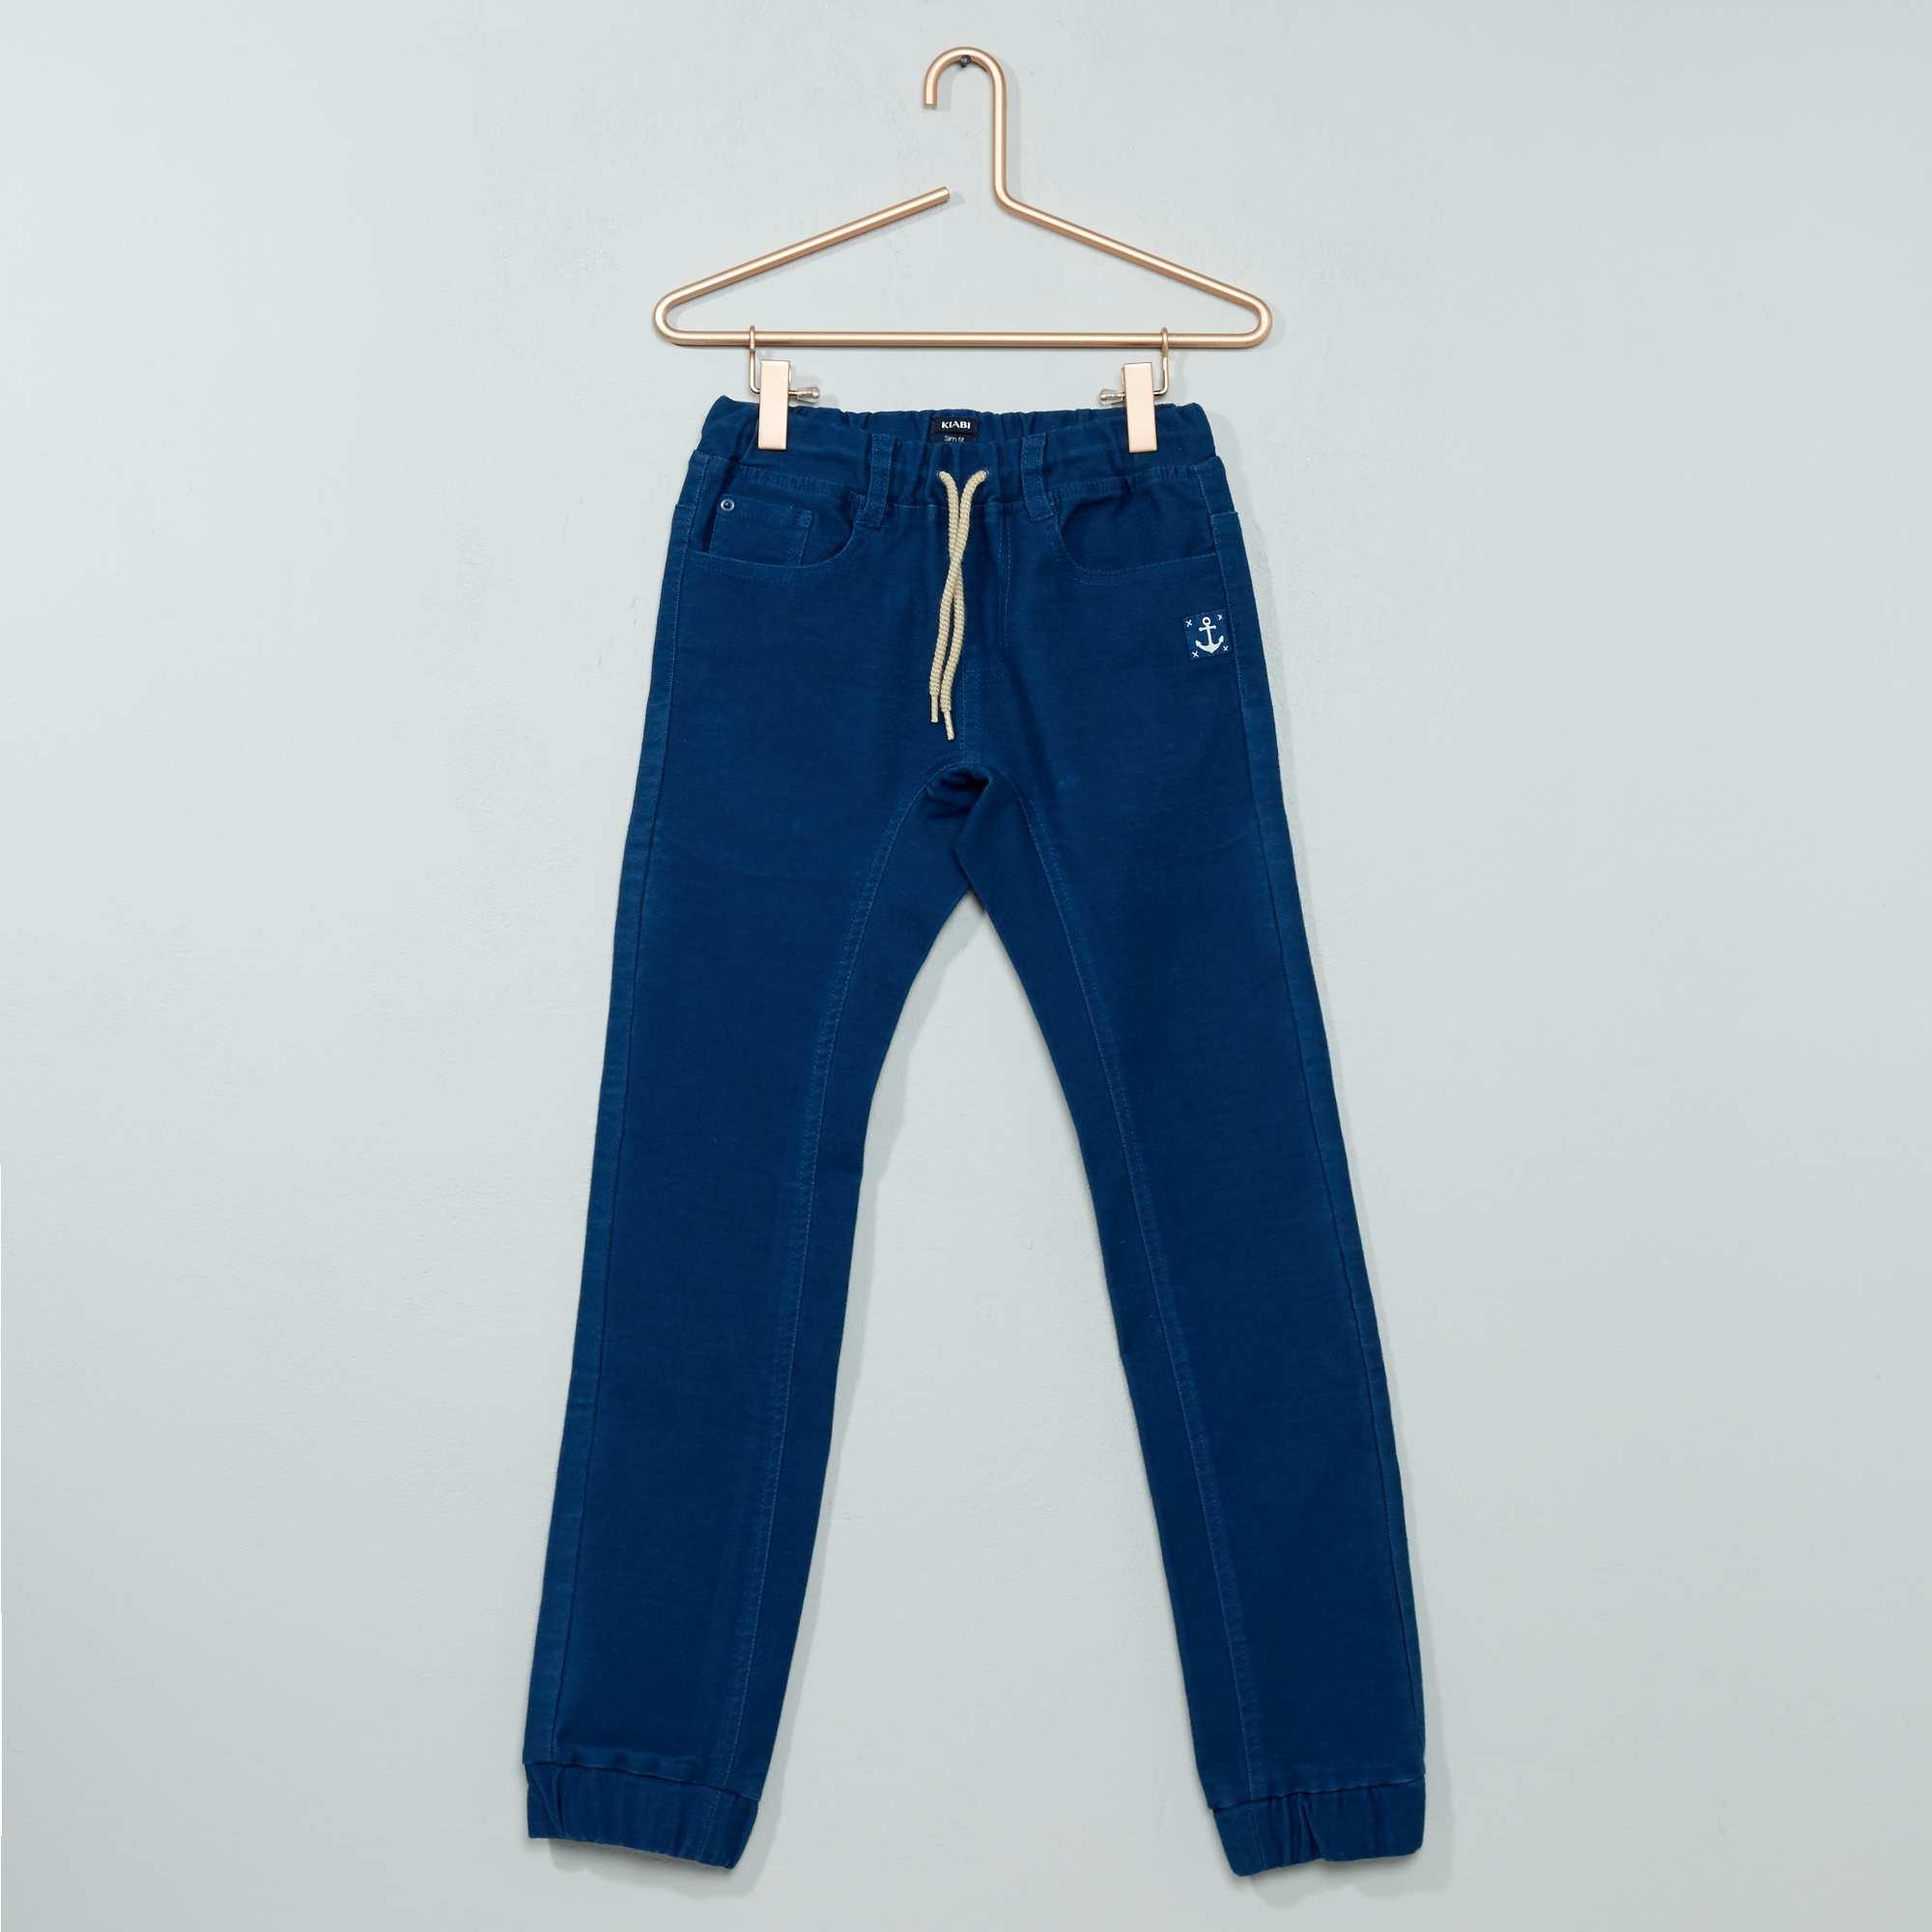 Couleur : gris, bleu, ,, - Taille : 3A, 10A, 8A,4A,6AL'apparence d'un pantalon, le confort d'un jogging ! - Joggpant en coton - Coupe